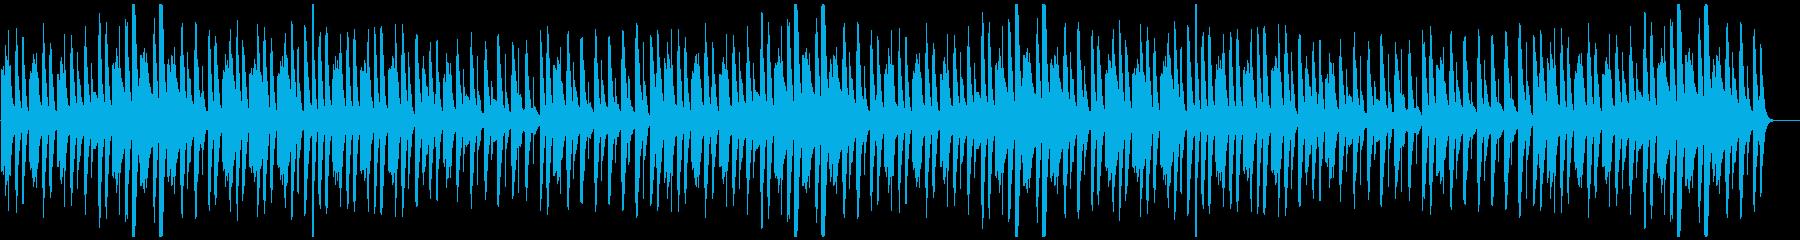 猫踏んじゃった【マリンバ】(ミドル)の再生済みの波形